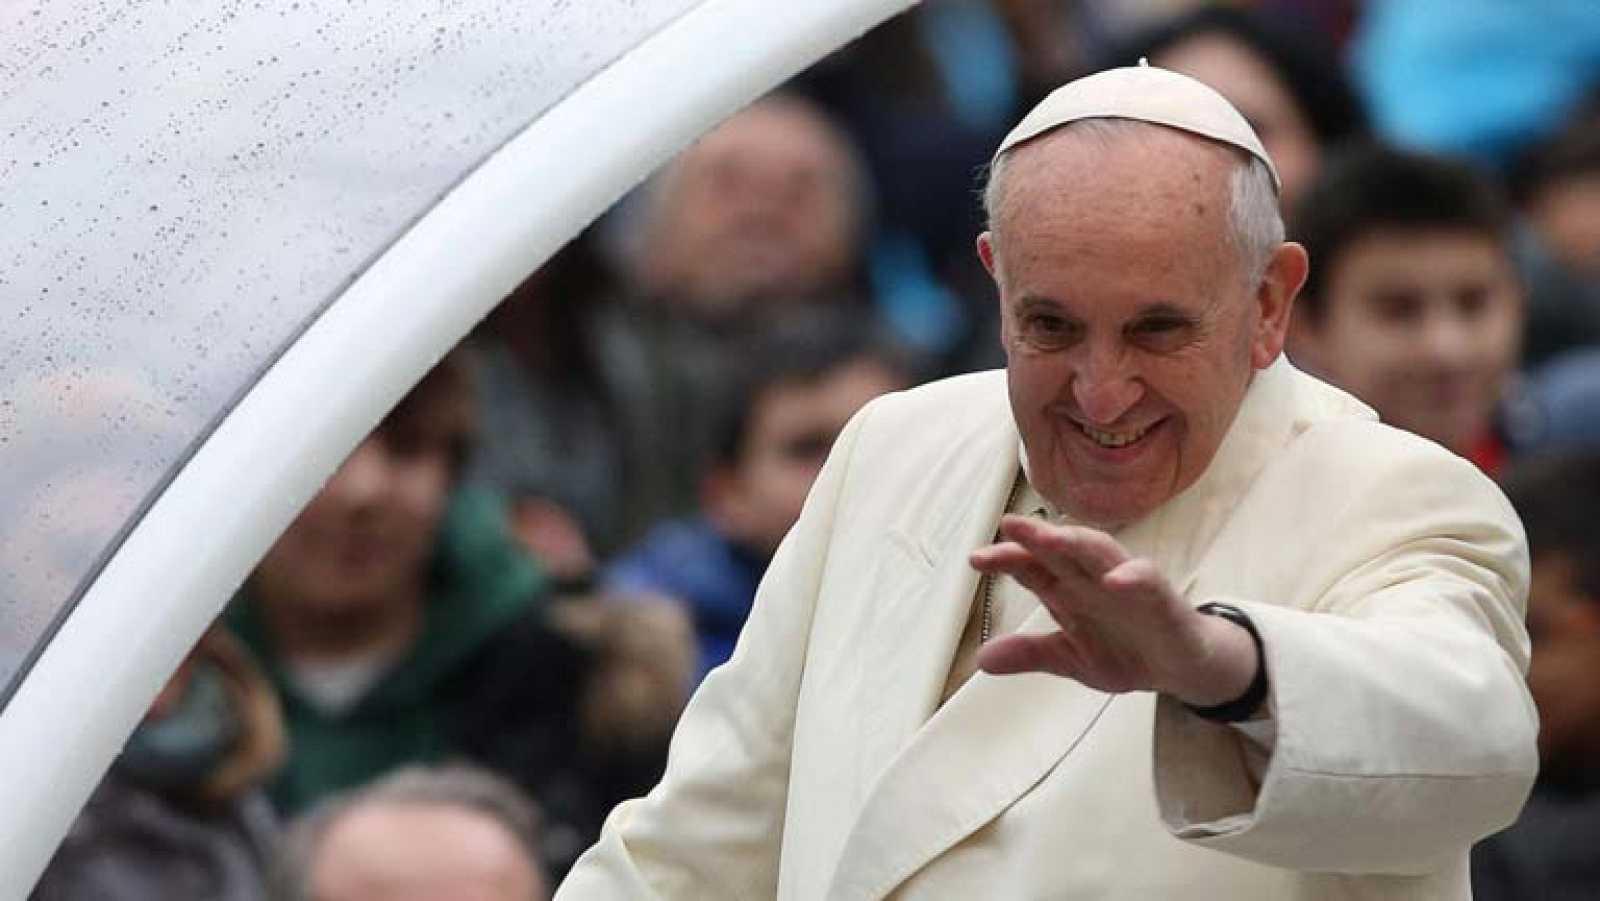 Naciones Unidas condena la postura del Vaticano ante los abusos sexuales de religiosos a menores